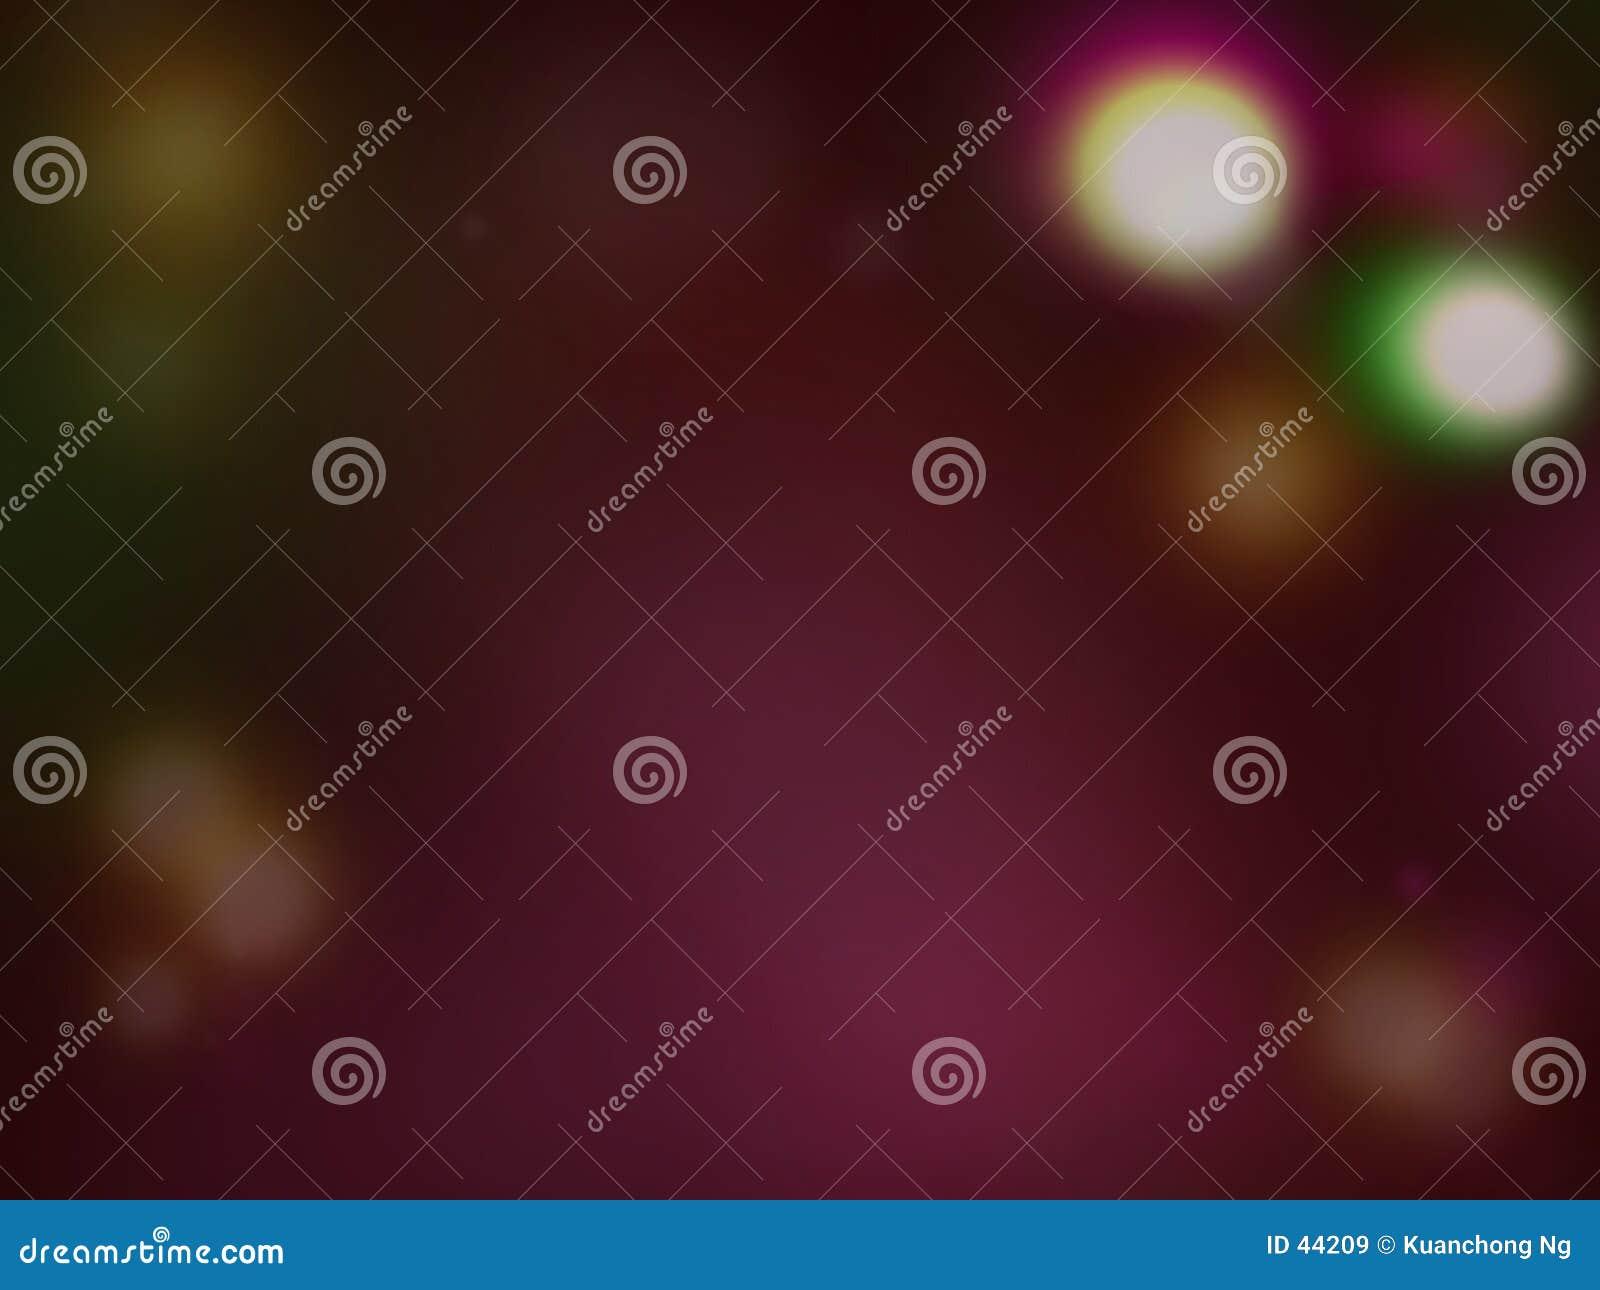 Download Luz del fondo de Adstract stock de ilustración. Ilustración de gráficos - 44209